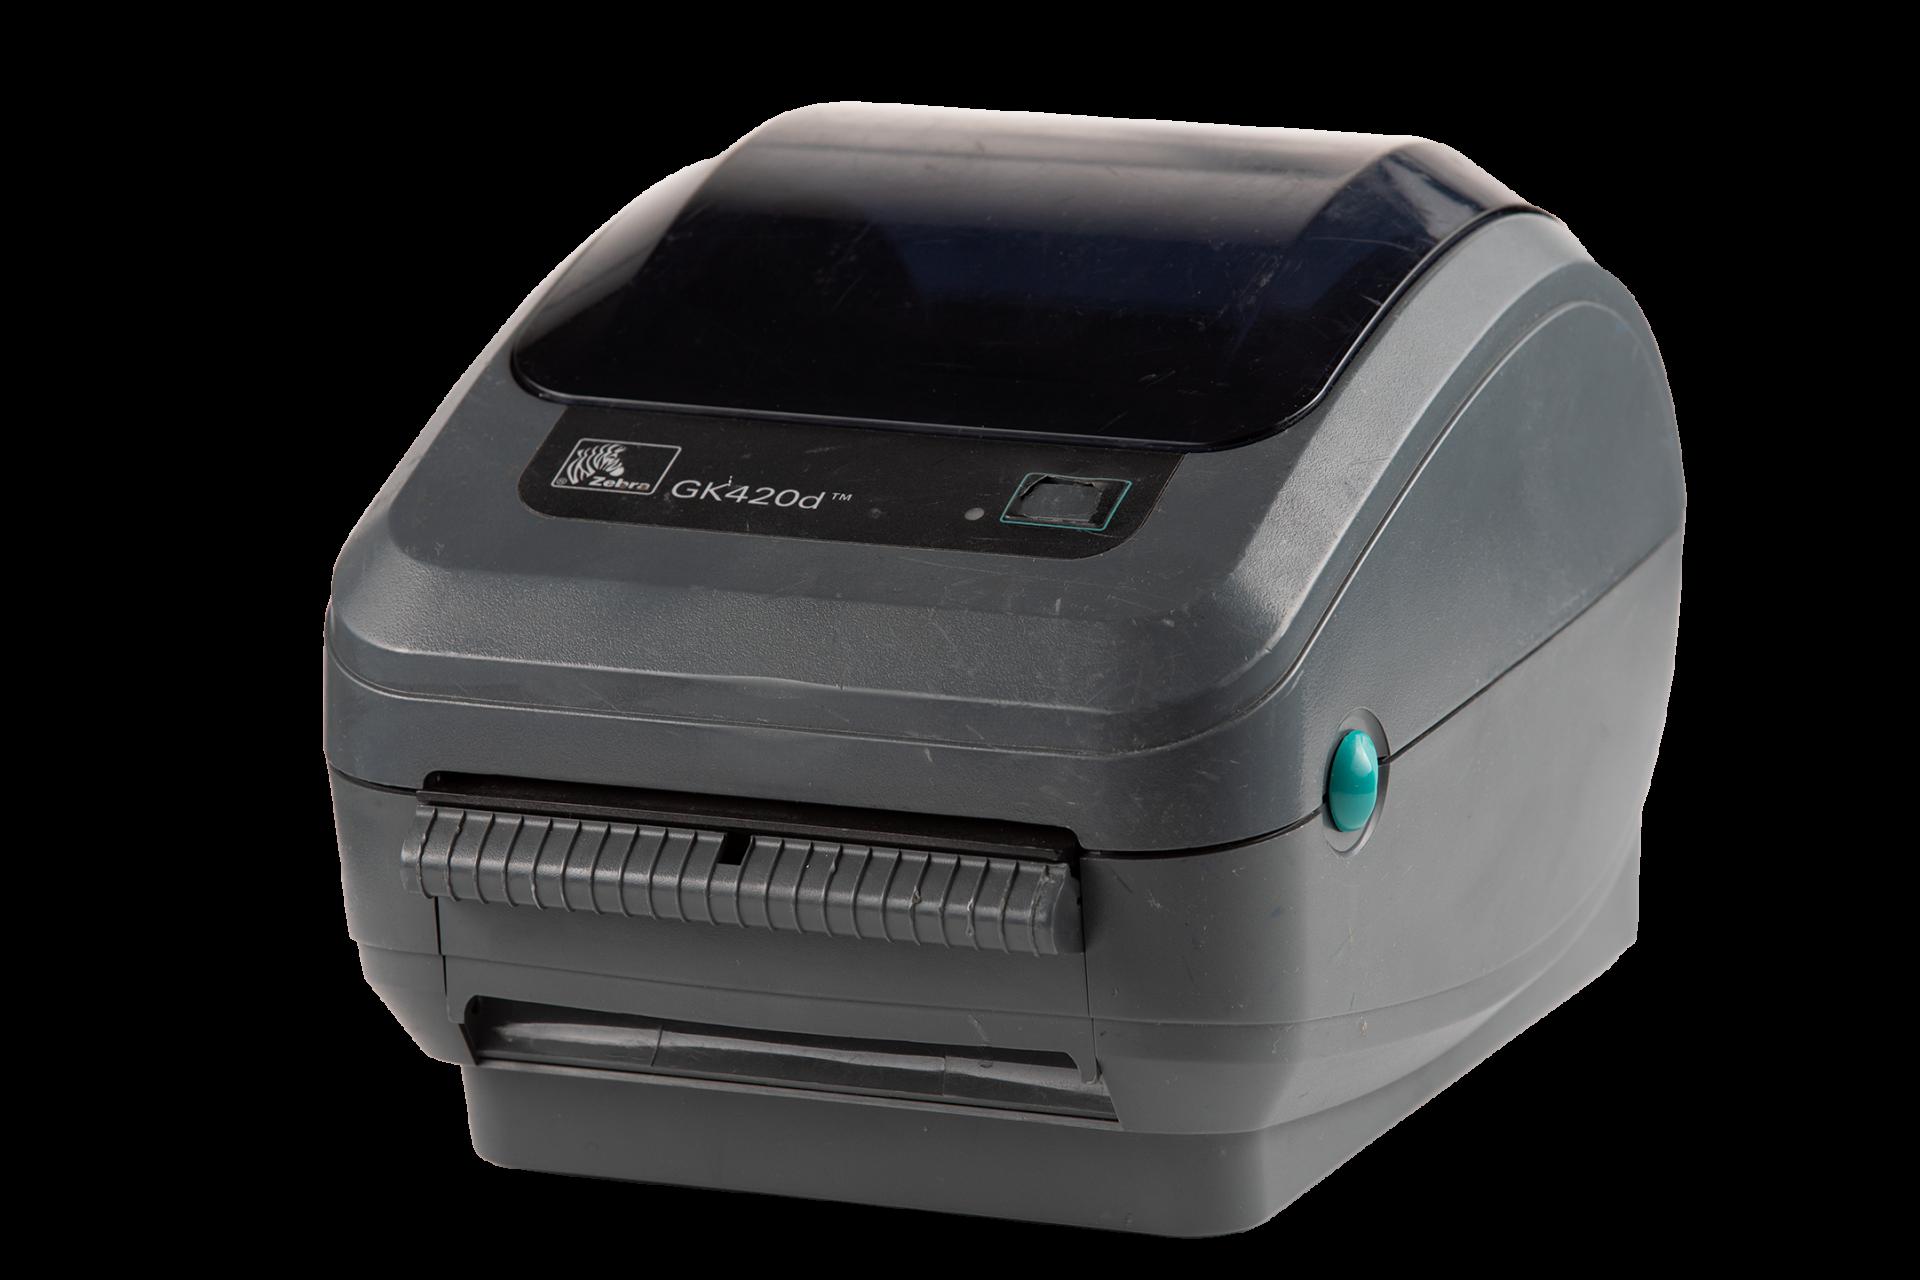 Zebra GK420d Ethernet Model (Grade B) | DN Printer ...